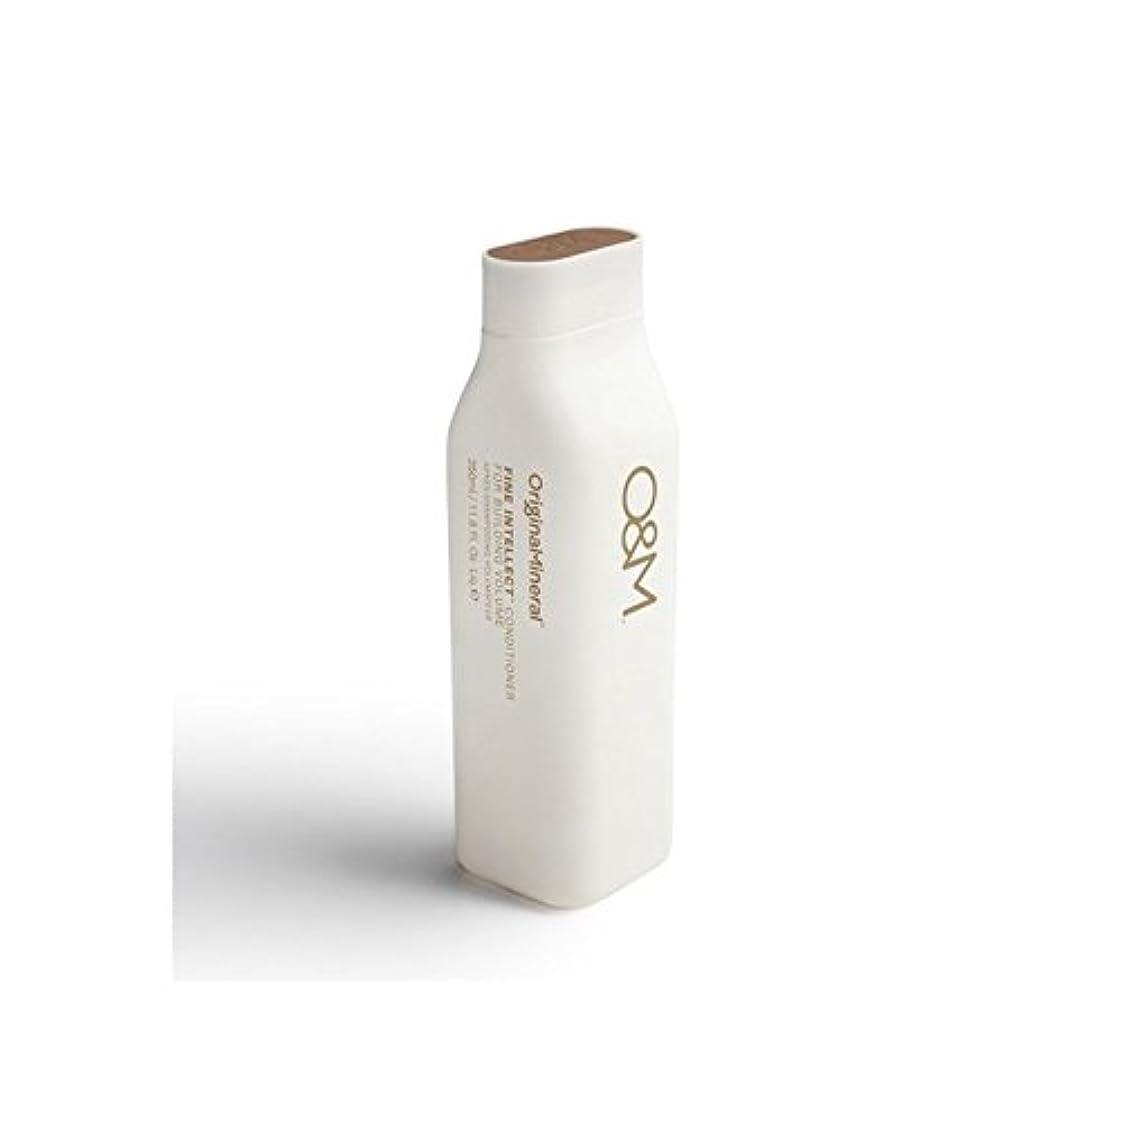 参照それによって一握りオリジナル&ミネラル細かい知性コンディショナー(350ミリリットル) x2 - Original & Mineral Fine Intellect Conditioner (350ml) (Pack of 2) [並行輸入品]